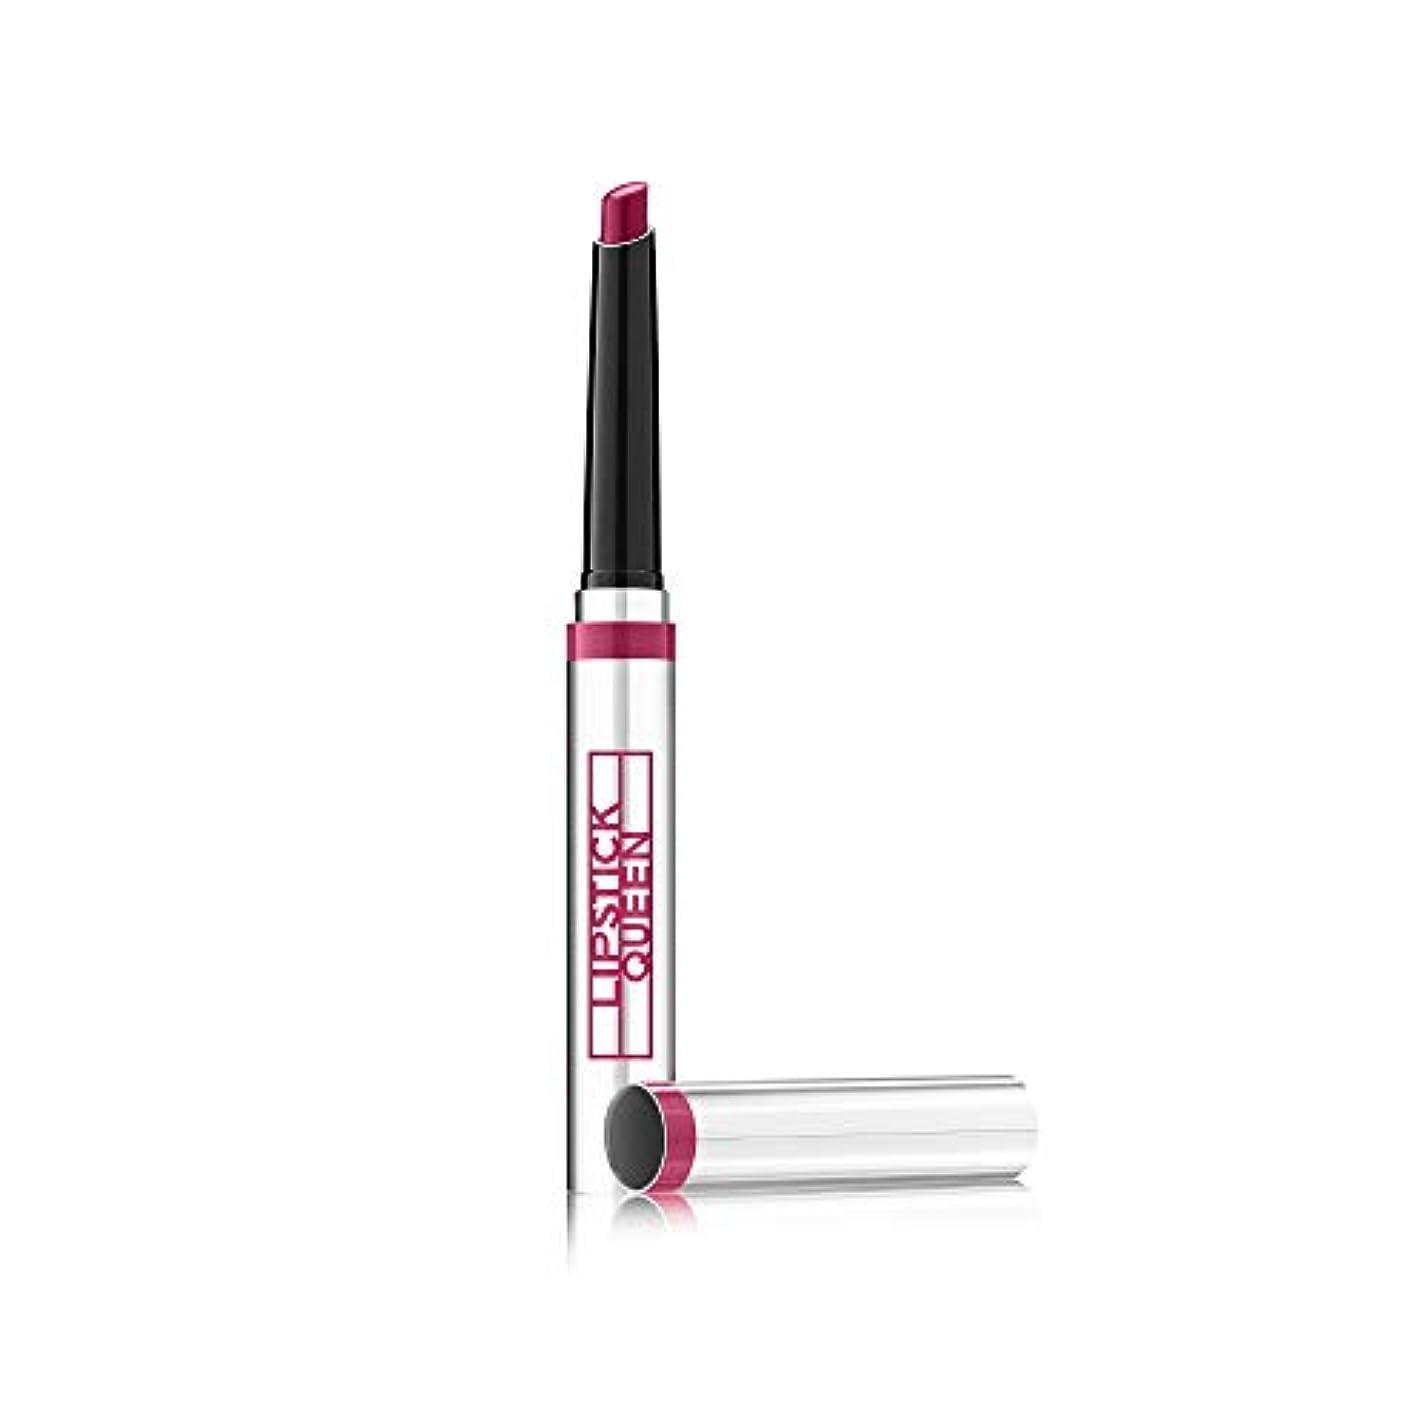 リップスティック クィーン Rear View Mirror Lip Lacquer - # Thunder Rose (A Warm Lively Pink) 1.3g/0.04oz並行輸入品